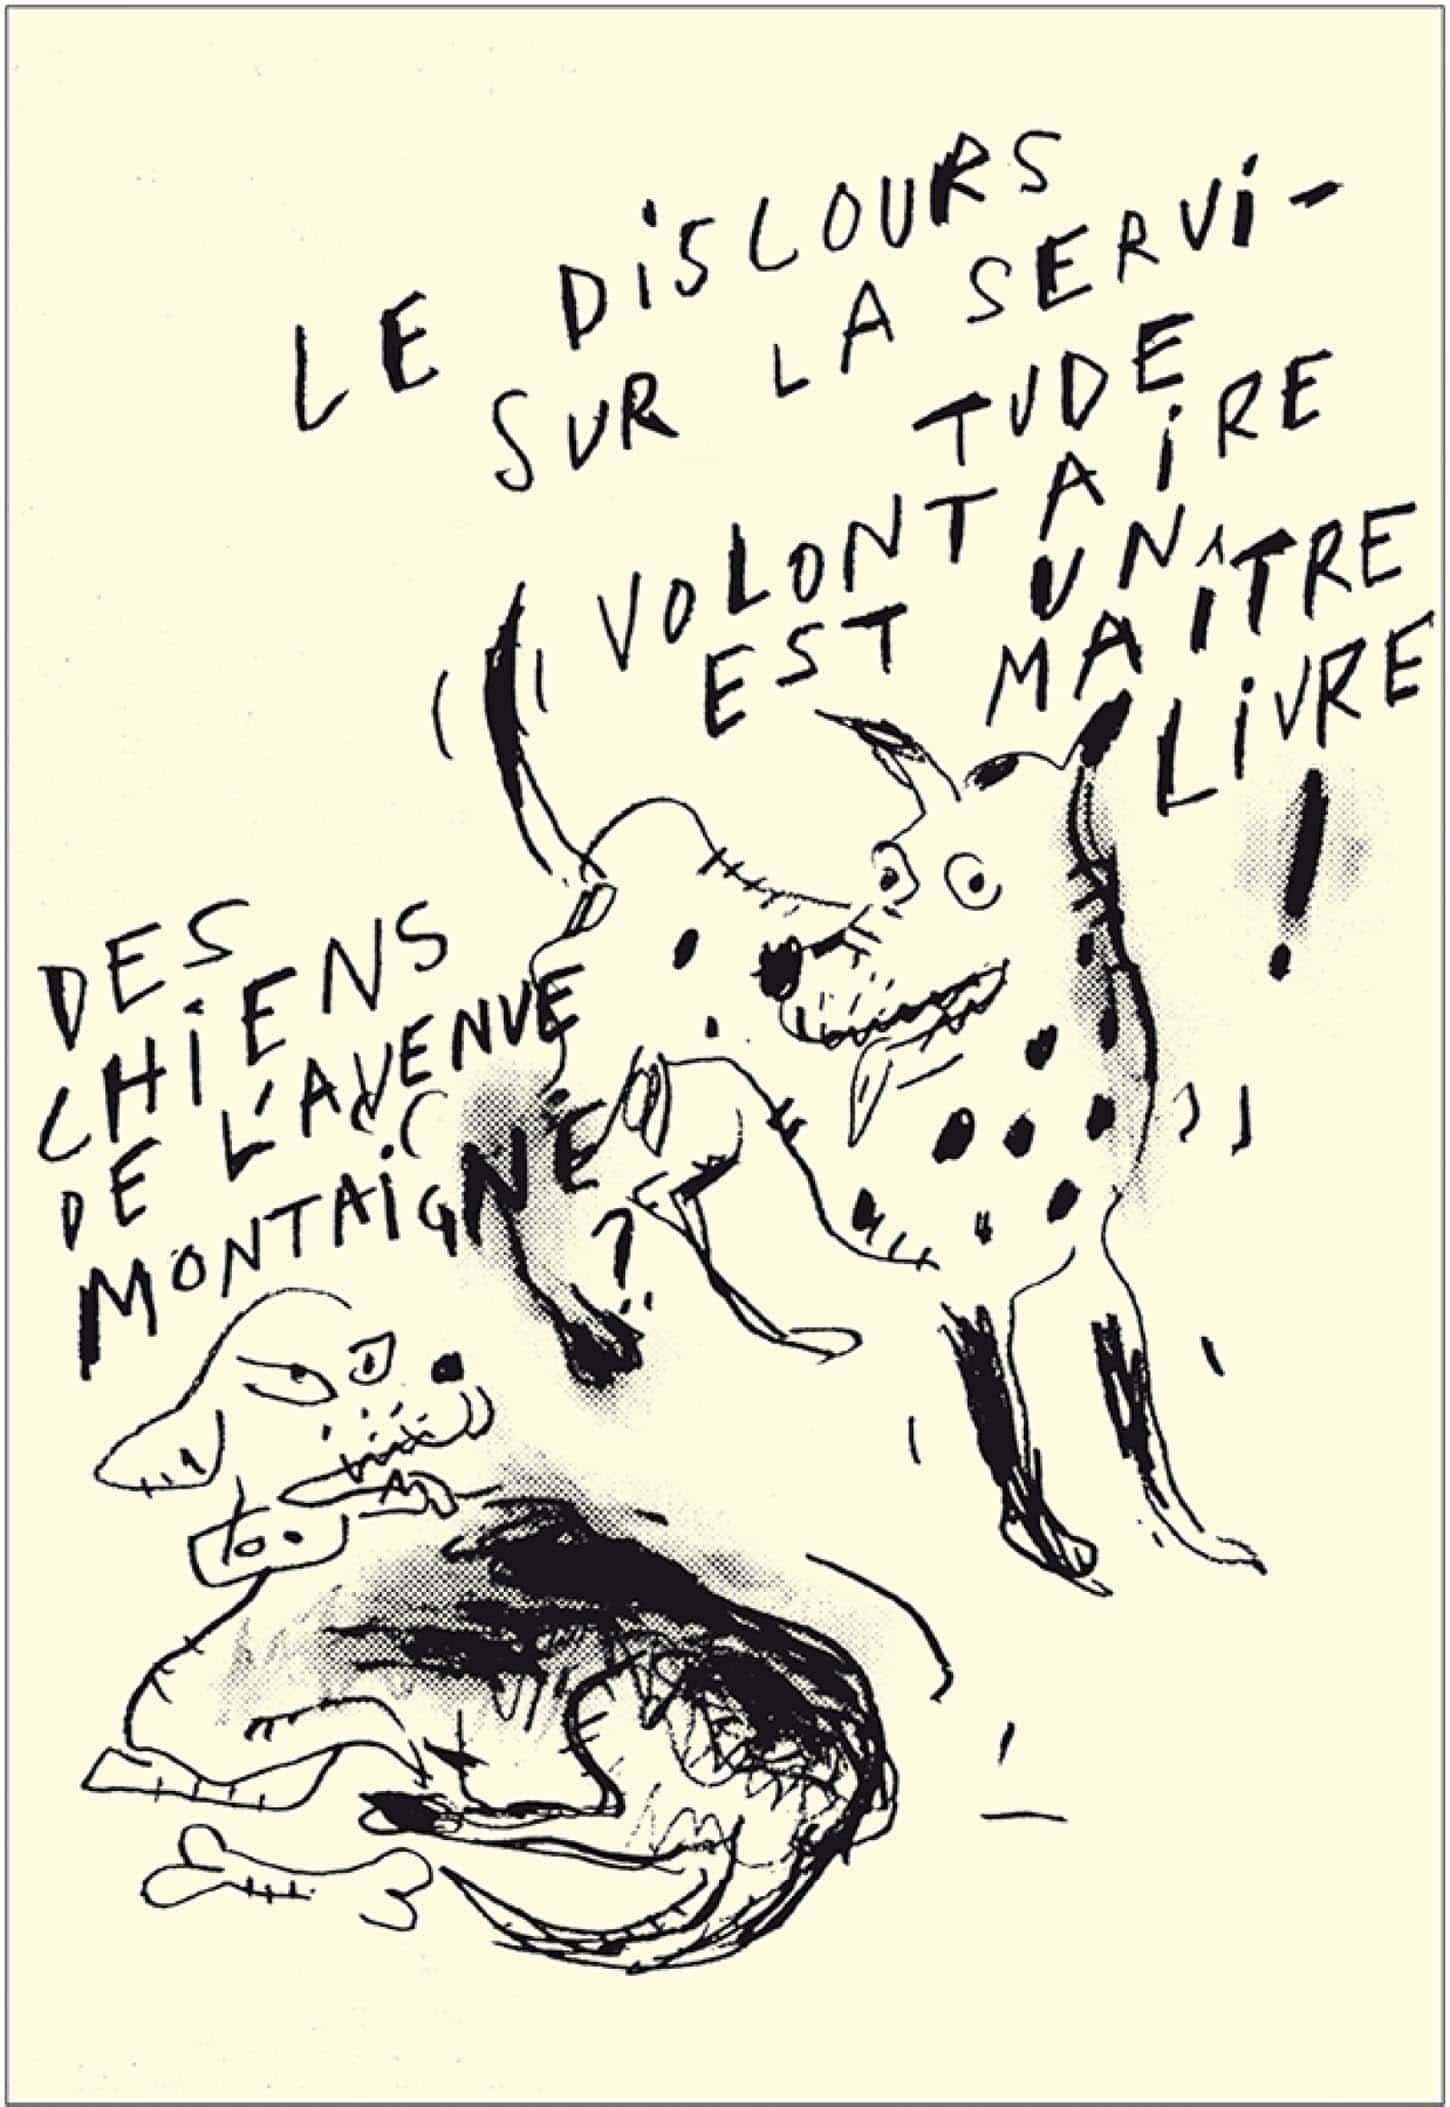 Arnaud Labelle-rojoux, Sérigraphie, 70x50cm, 50 ex/brut de Centaure 300g. Disponible